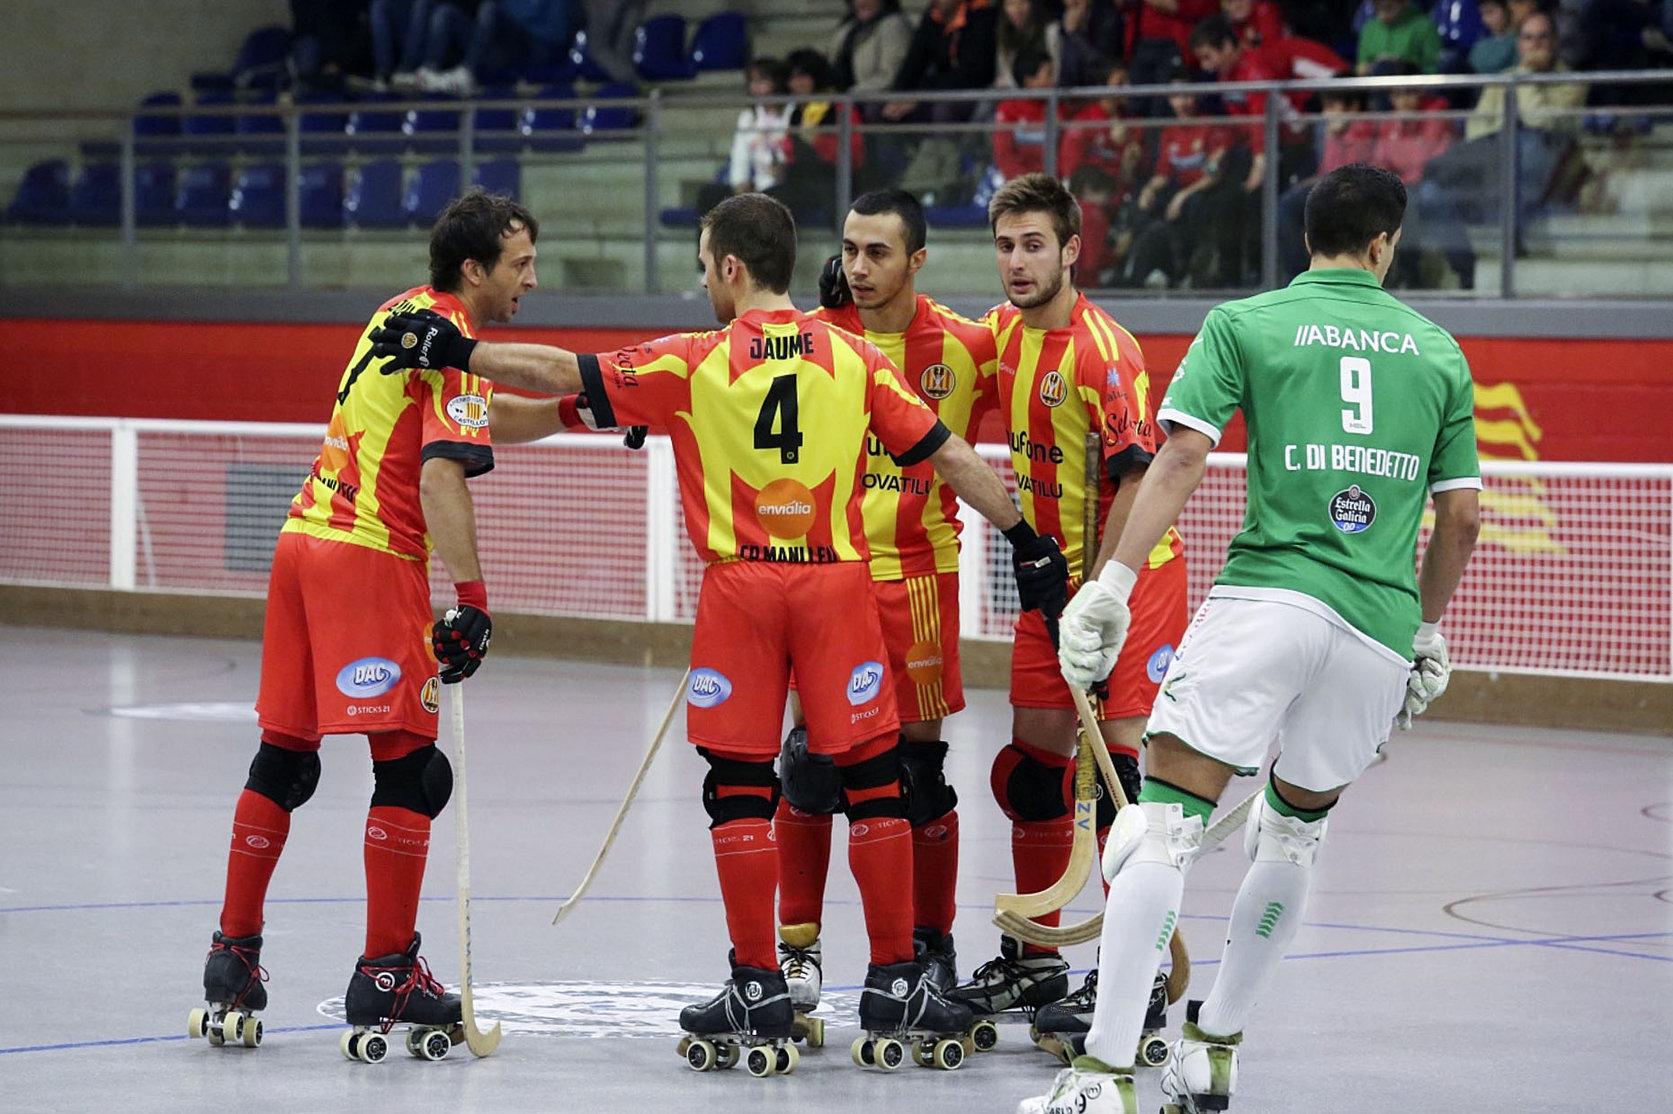 Els jugadors del Manlleu van guanyar a la pista del Liceo